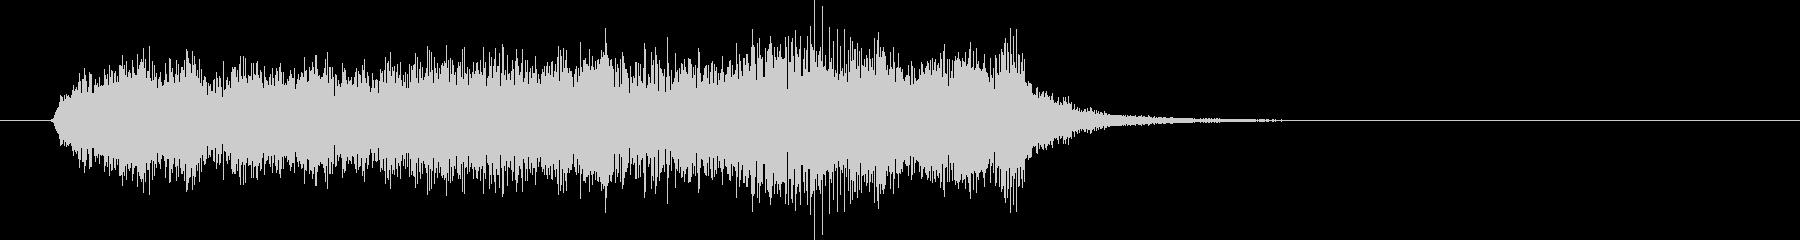 生演奏リコーダーで回復の音楽の未再生の波形